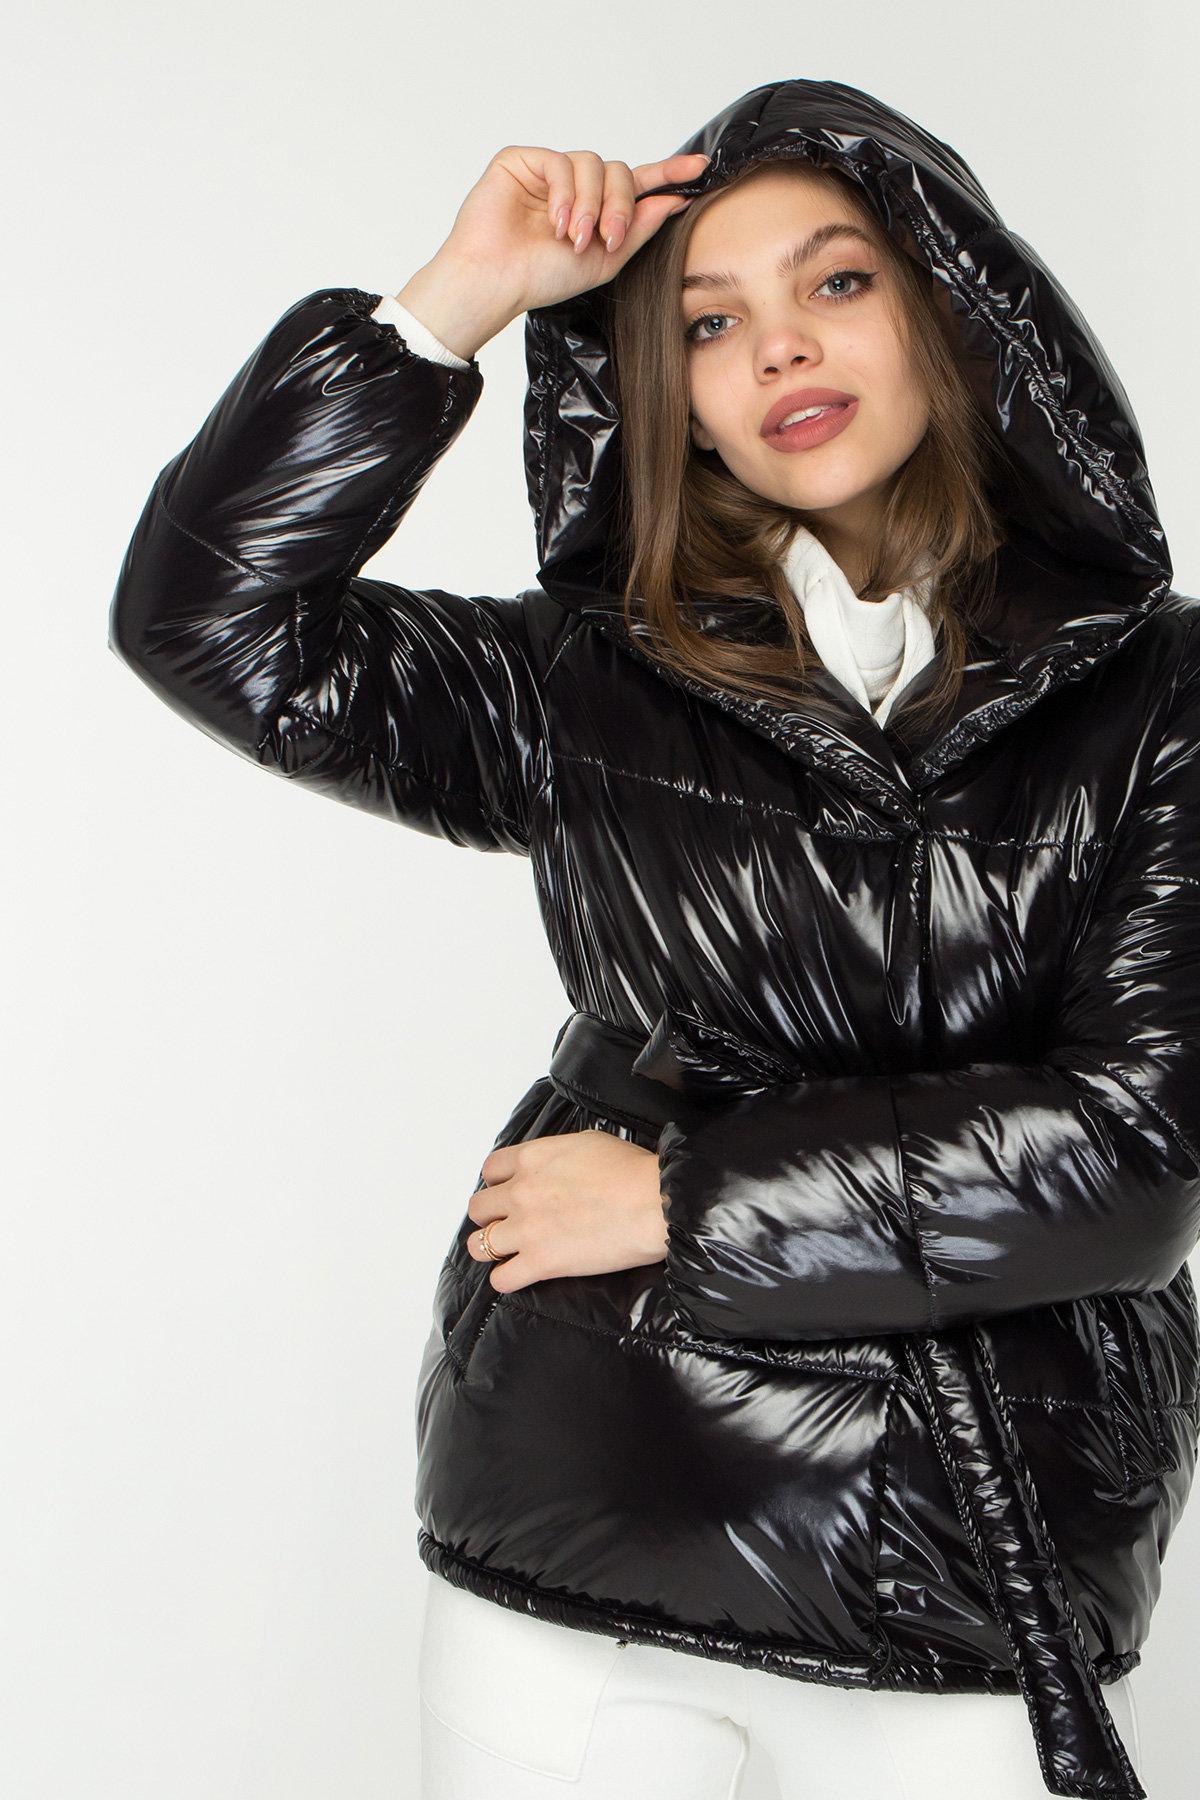 Лаковая куртка пуховик с поясом Бумер 8696 АРТ. 45155 Цвет: Черный - фото 6, интернет магазин tm-modus.ru